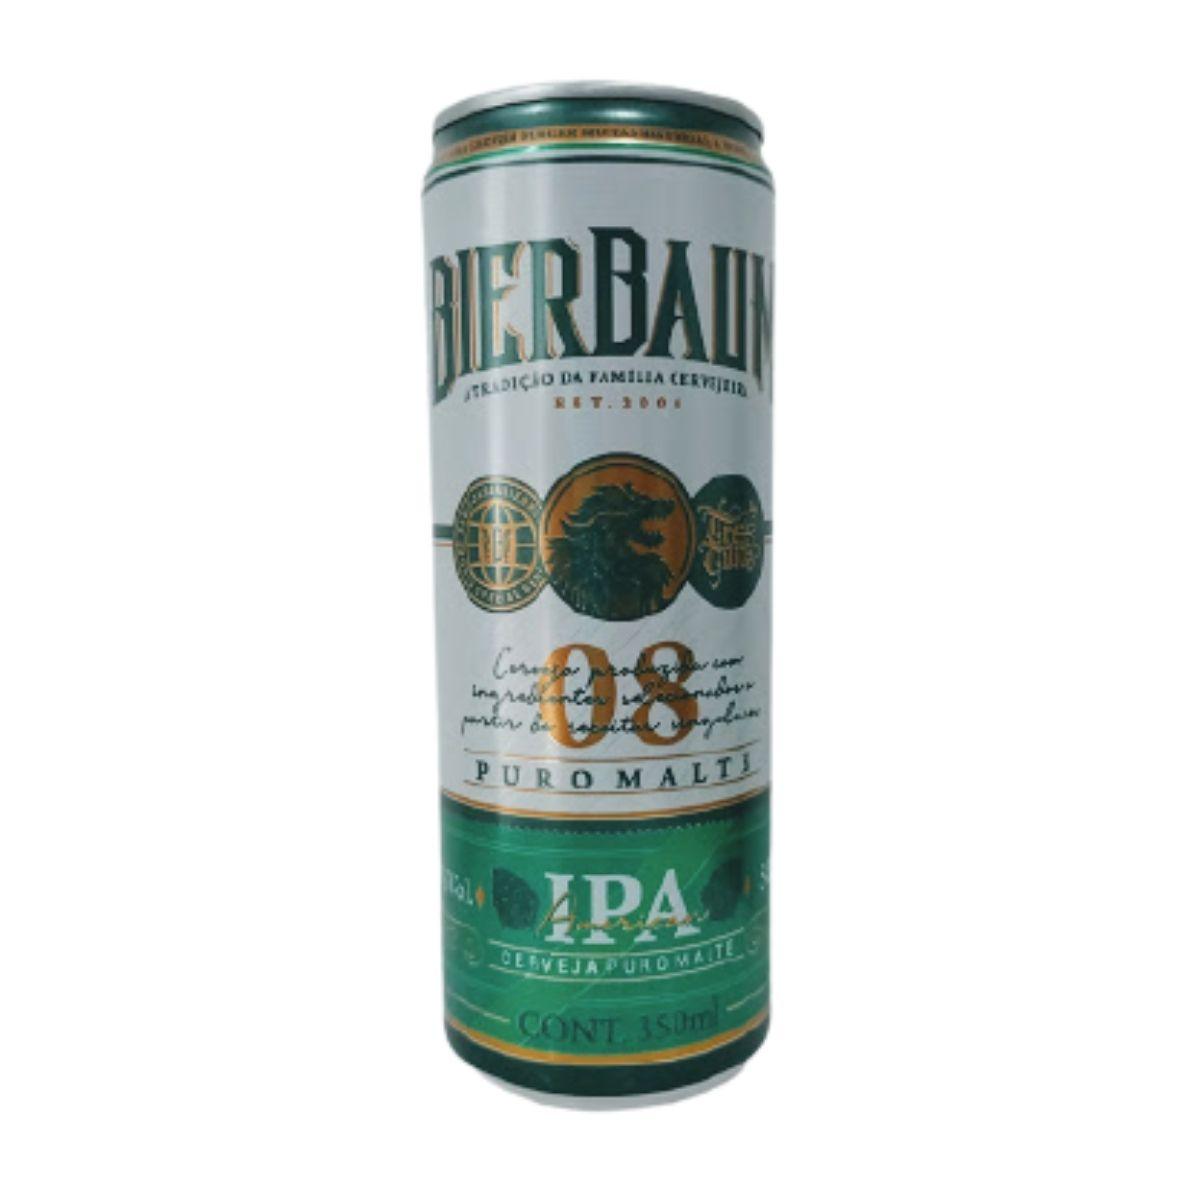 Cerveja Bierbaum IPA 350ml